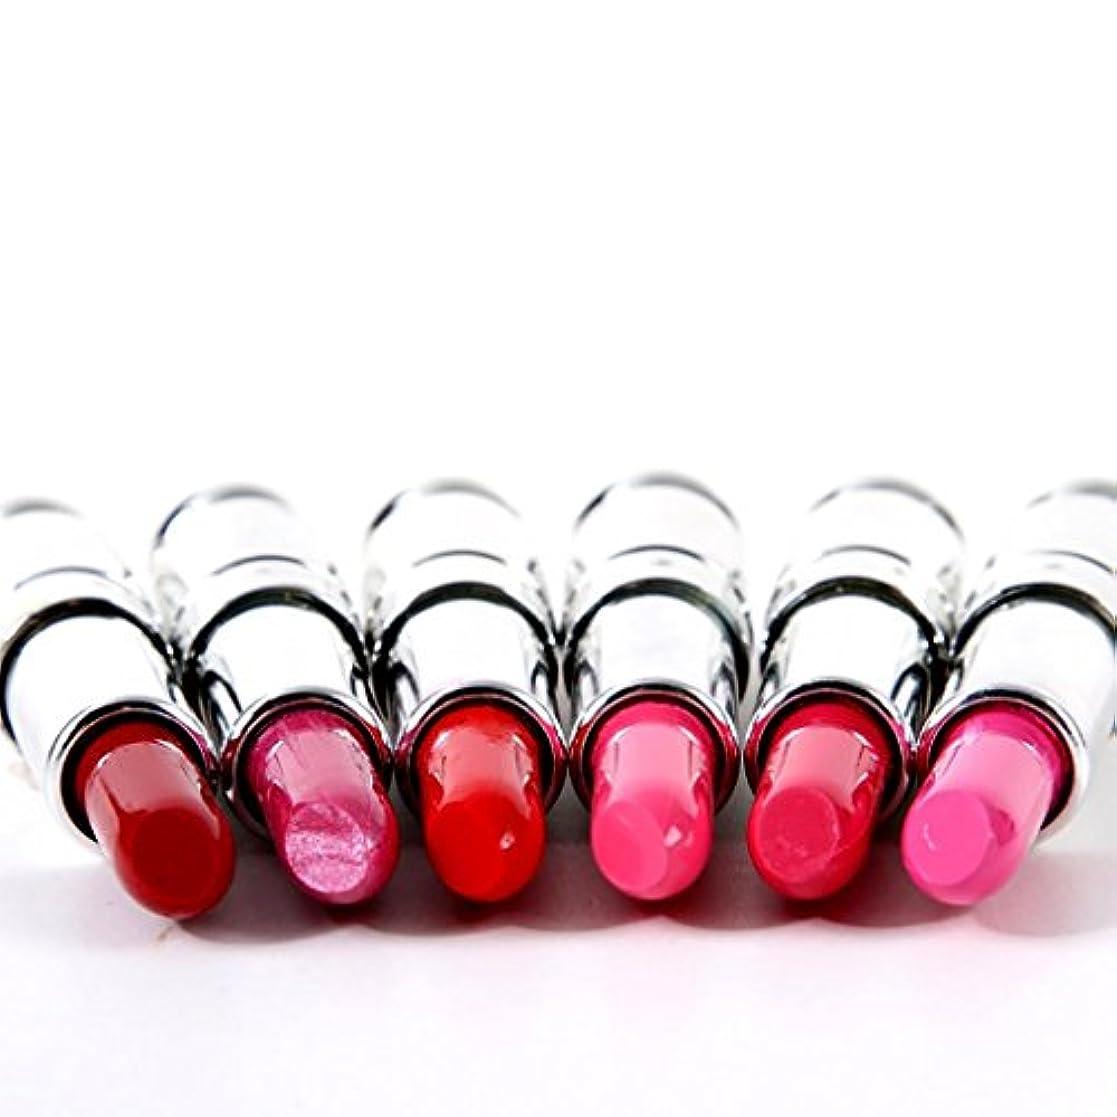 Kesoto 6色 リップスティック 美容 防水 メイク マット 口紅 リップ グロスセット 長持ち